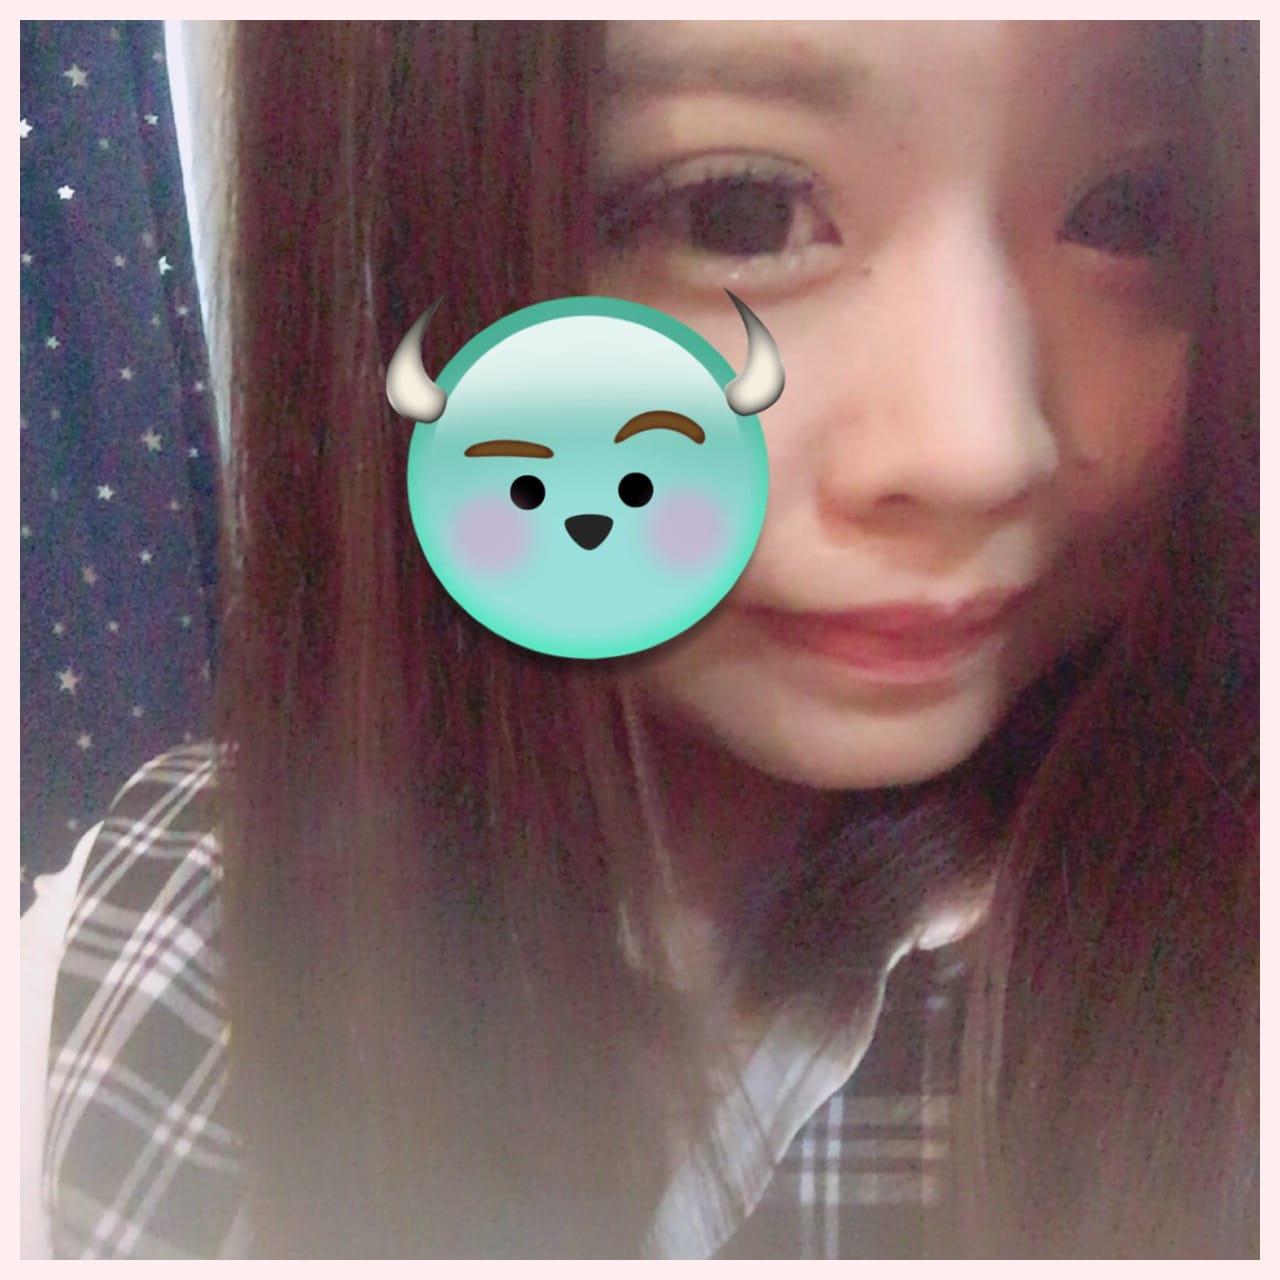 ルナ「お礼♡」10/17(火) 00:11 | ルナの写メ・風俗動画